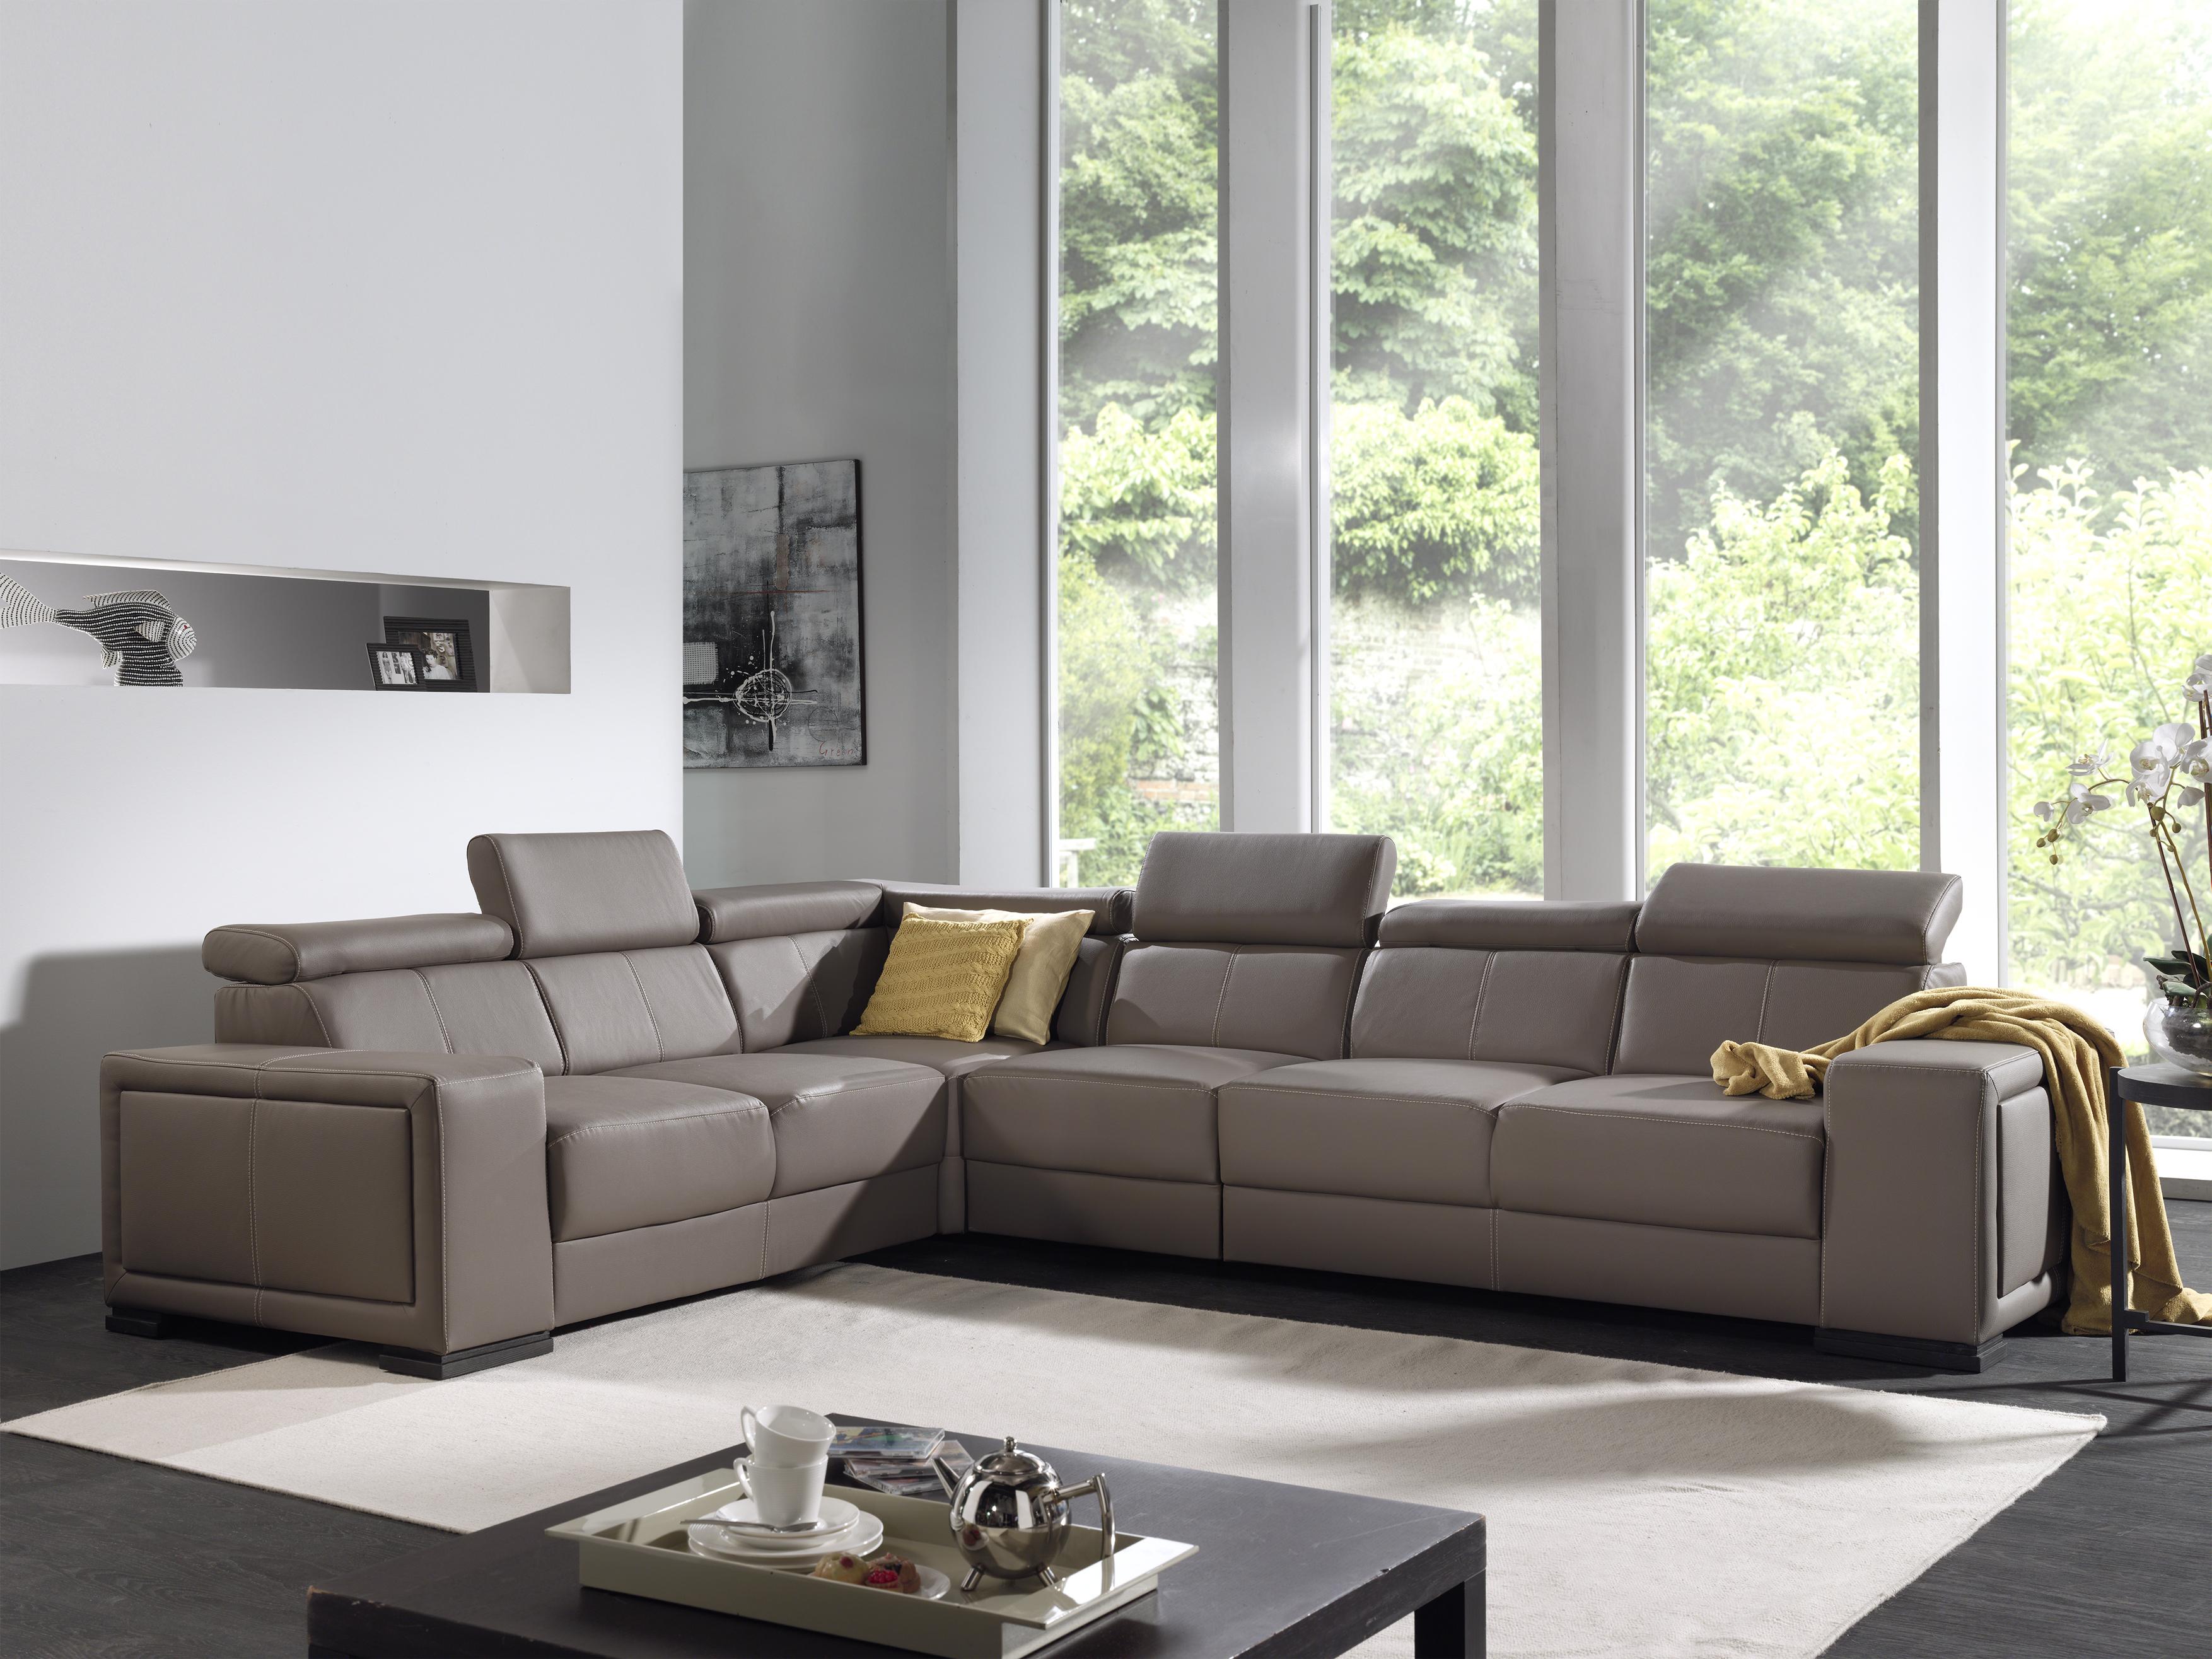 salon moderne entissu. Black Bedroom Furniture Sets. Home Design Ideas